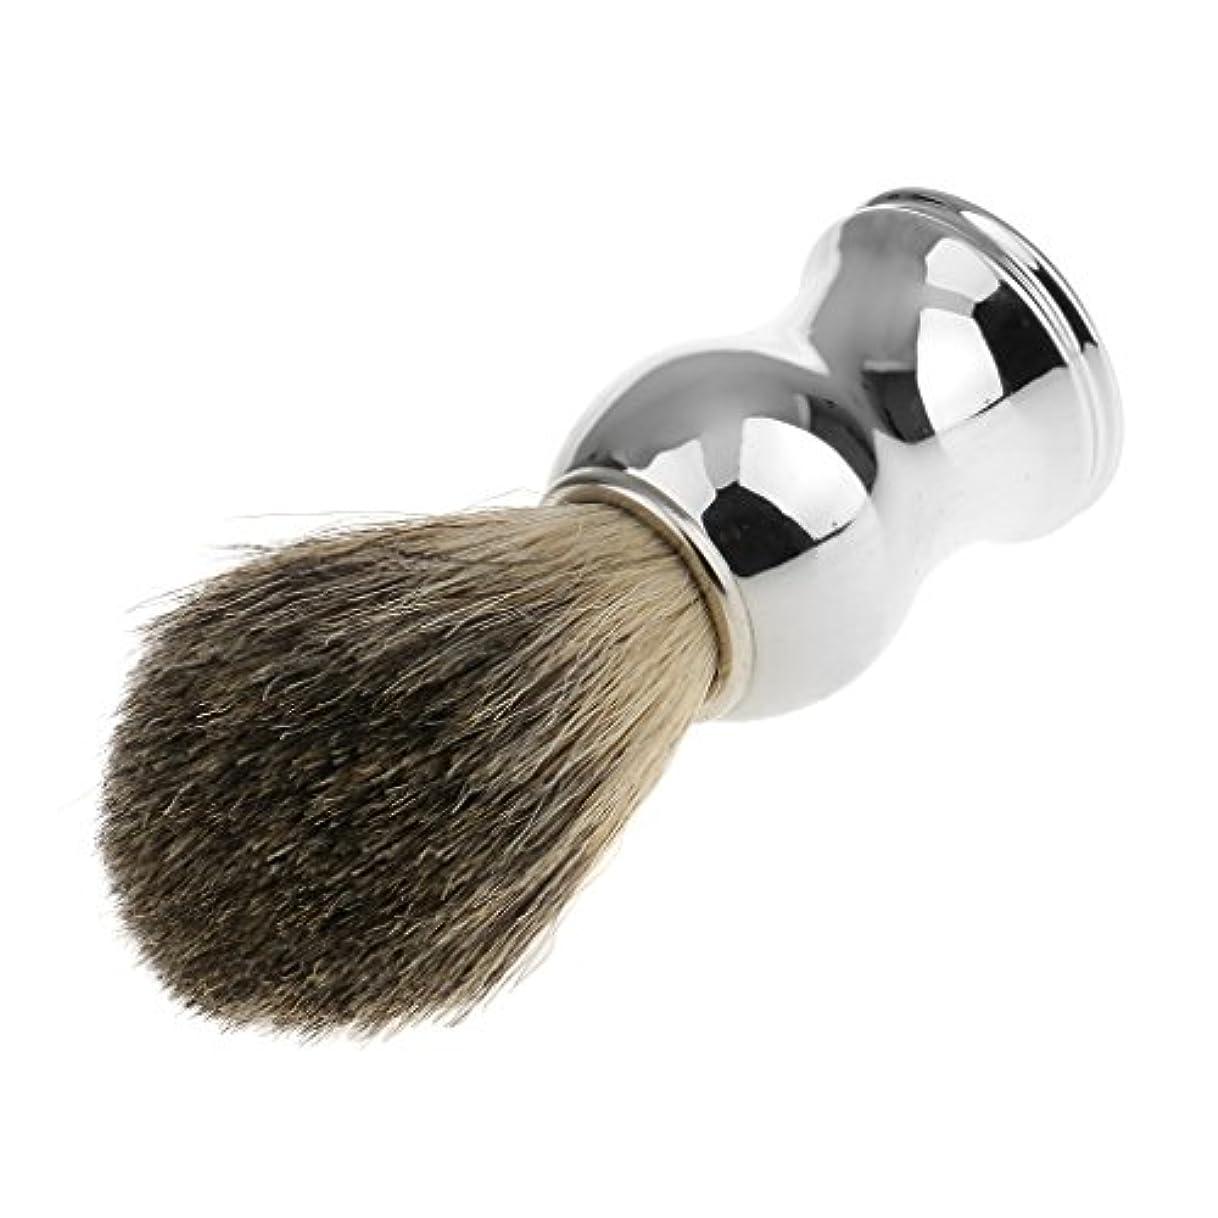 ネット例最小化するPerfk 人工毛 シェービングブラシ 柔らかい 理容  洗顔  髭剃り 便携 乾くやすい 11.2cm 全2色 - シルバーハンドル